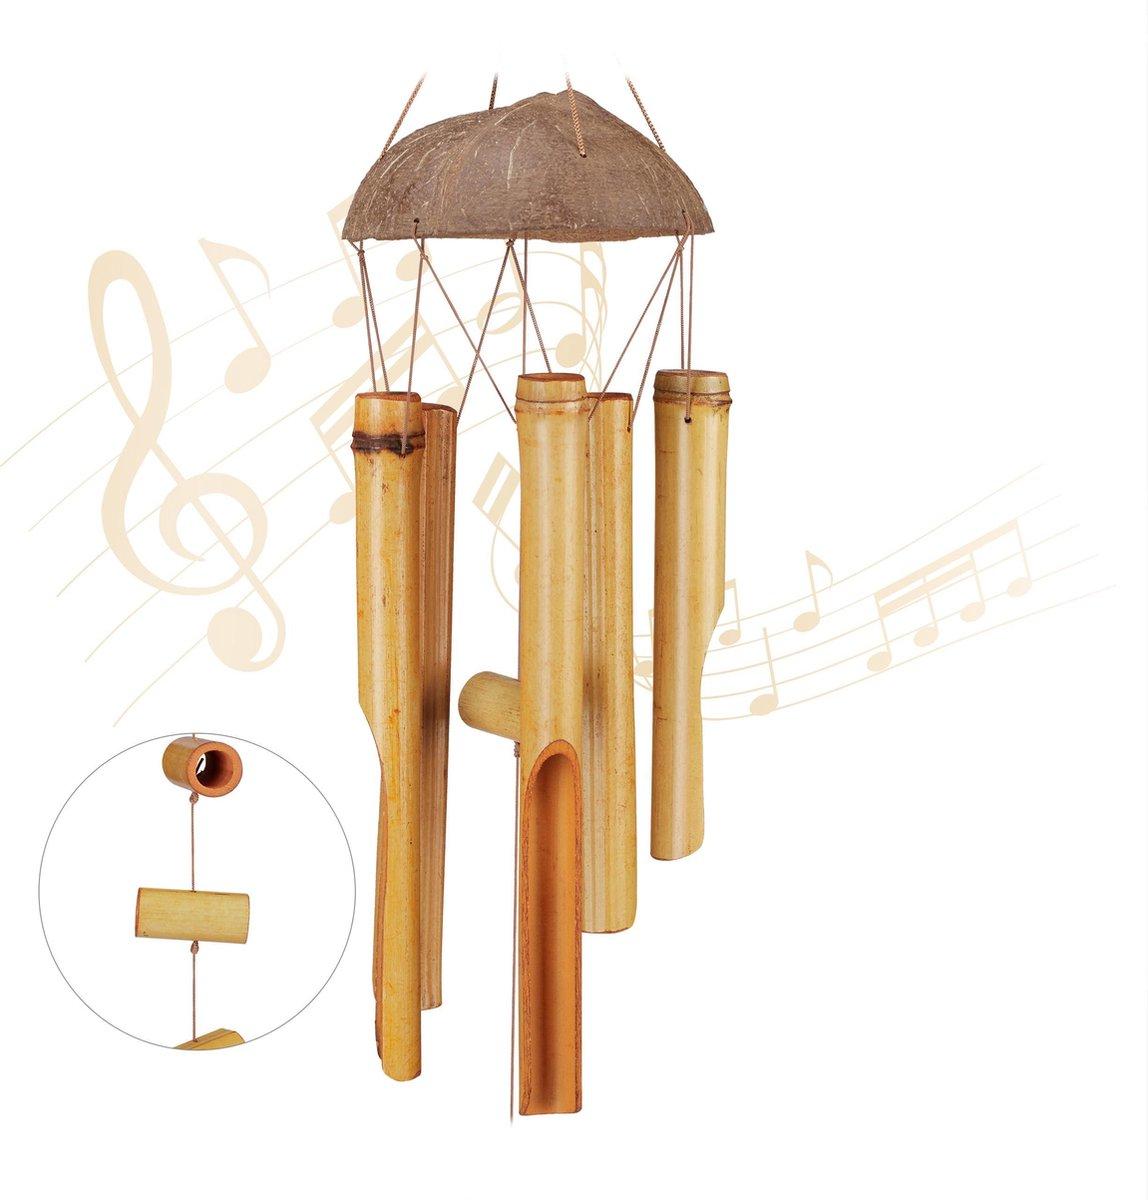 relaxdays windgong bamboe - tuin - wind chime hout - windorgel - tuindecoratie